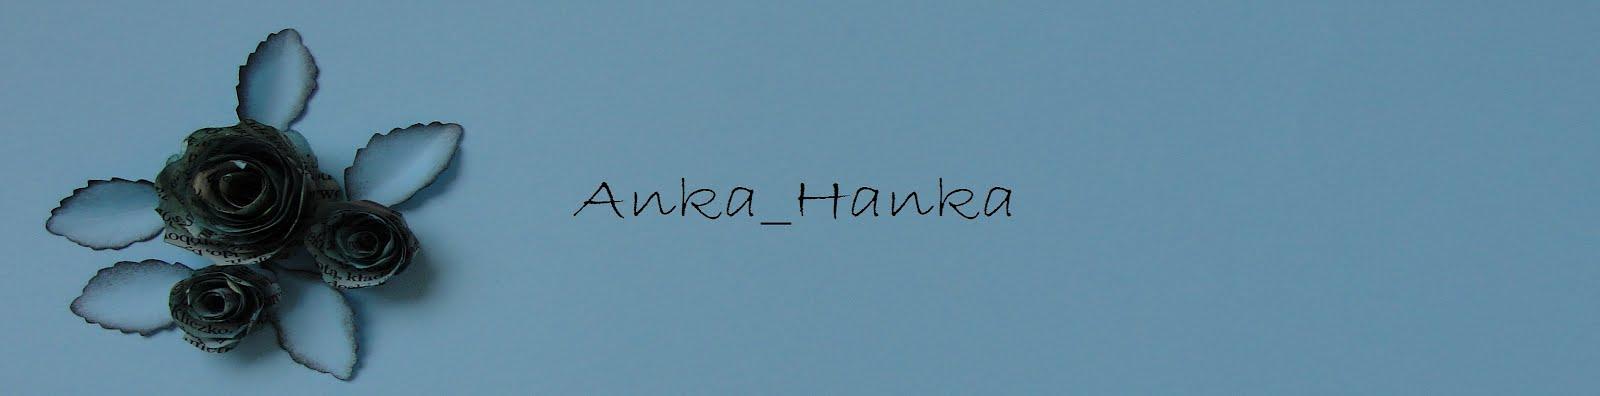 Anka_Hanka